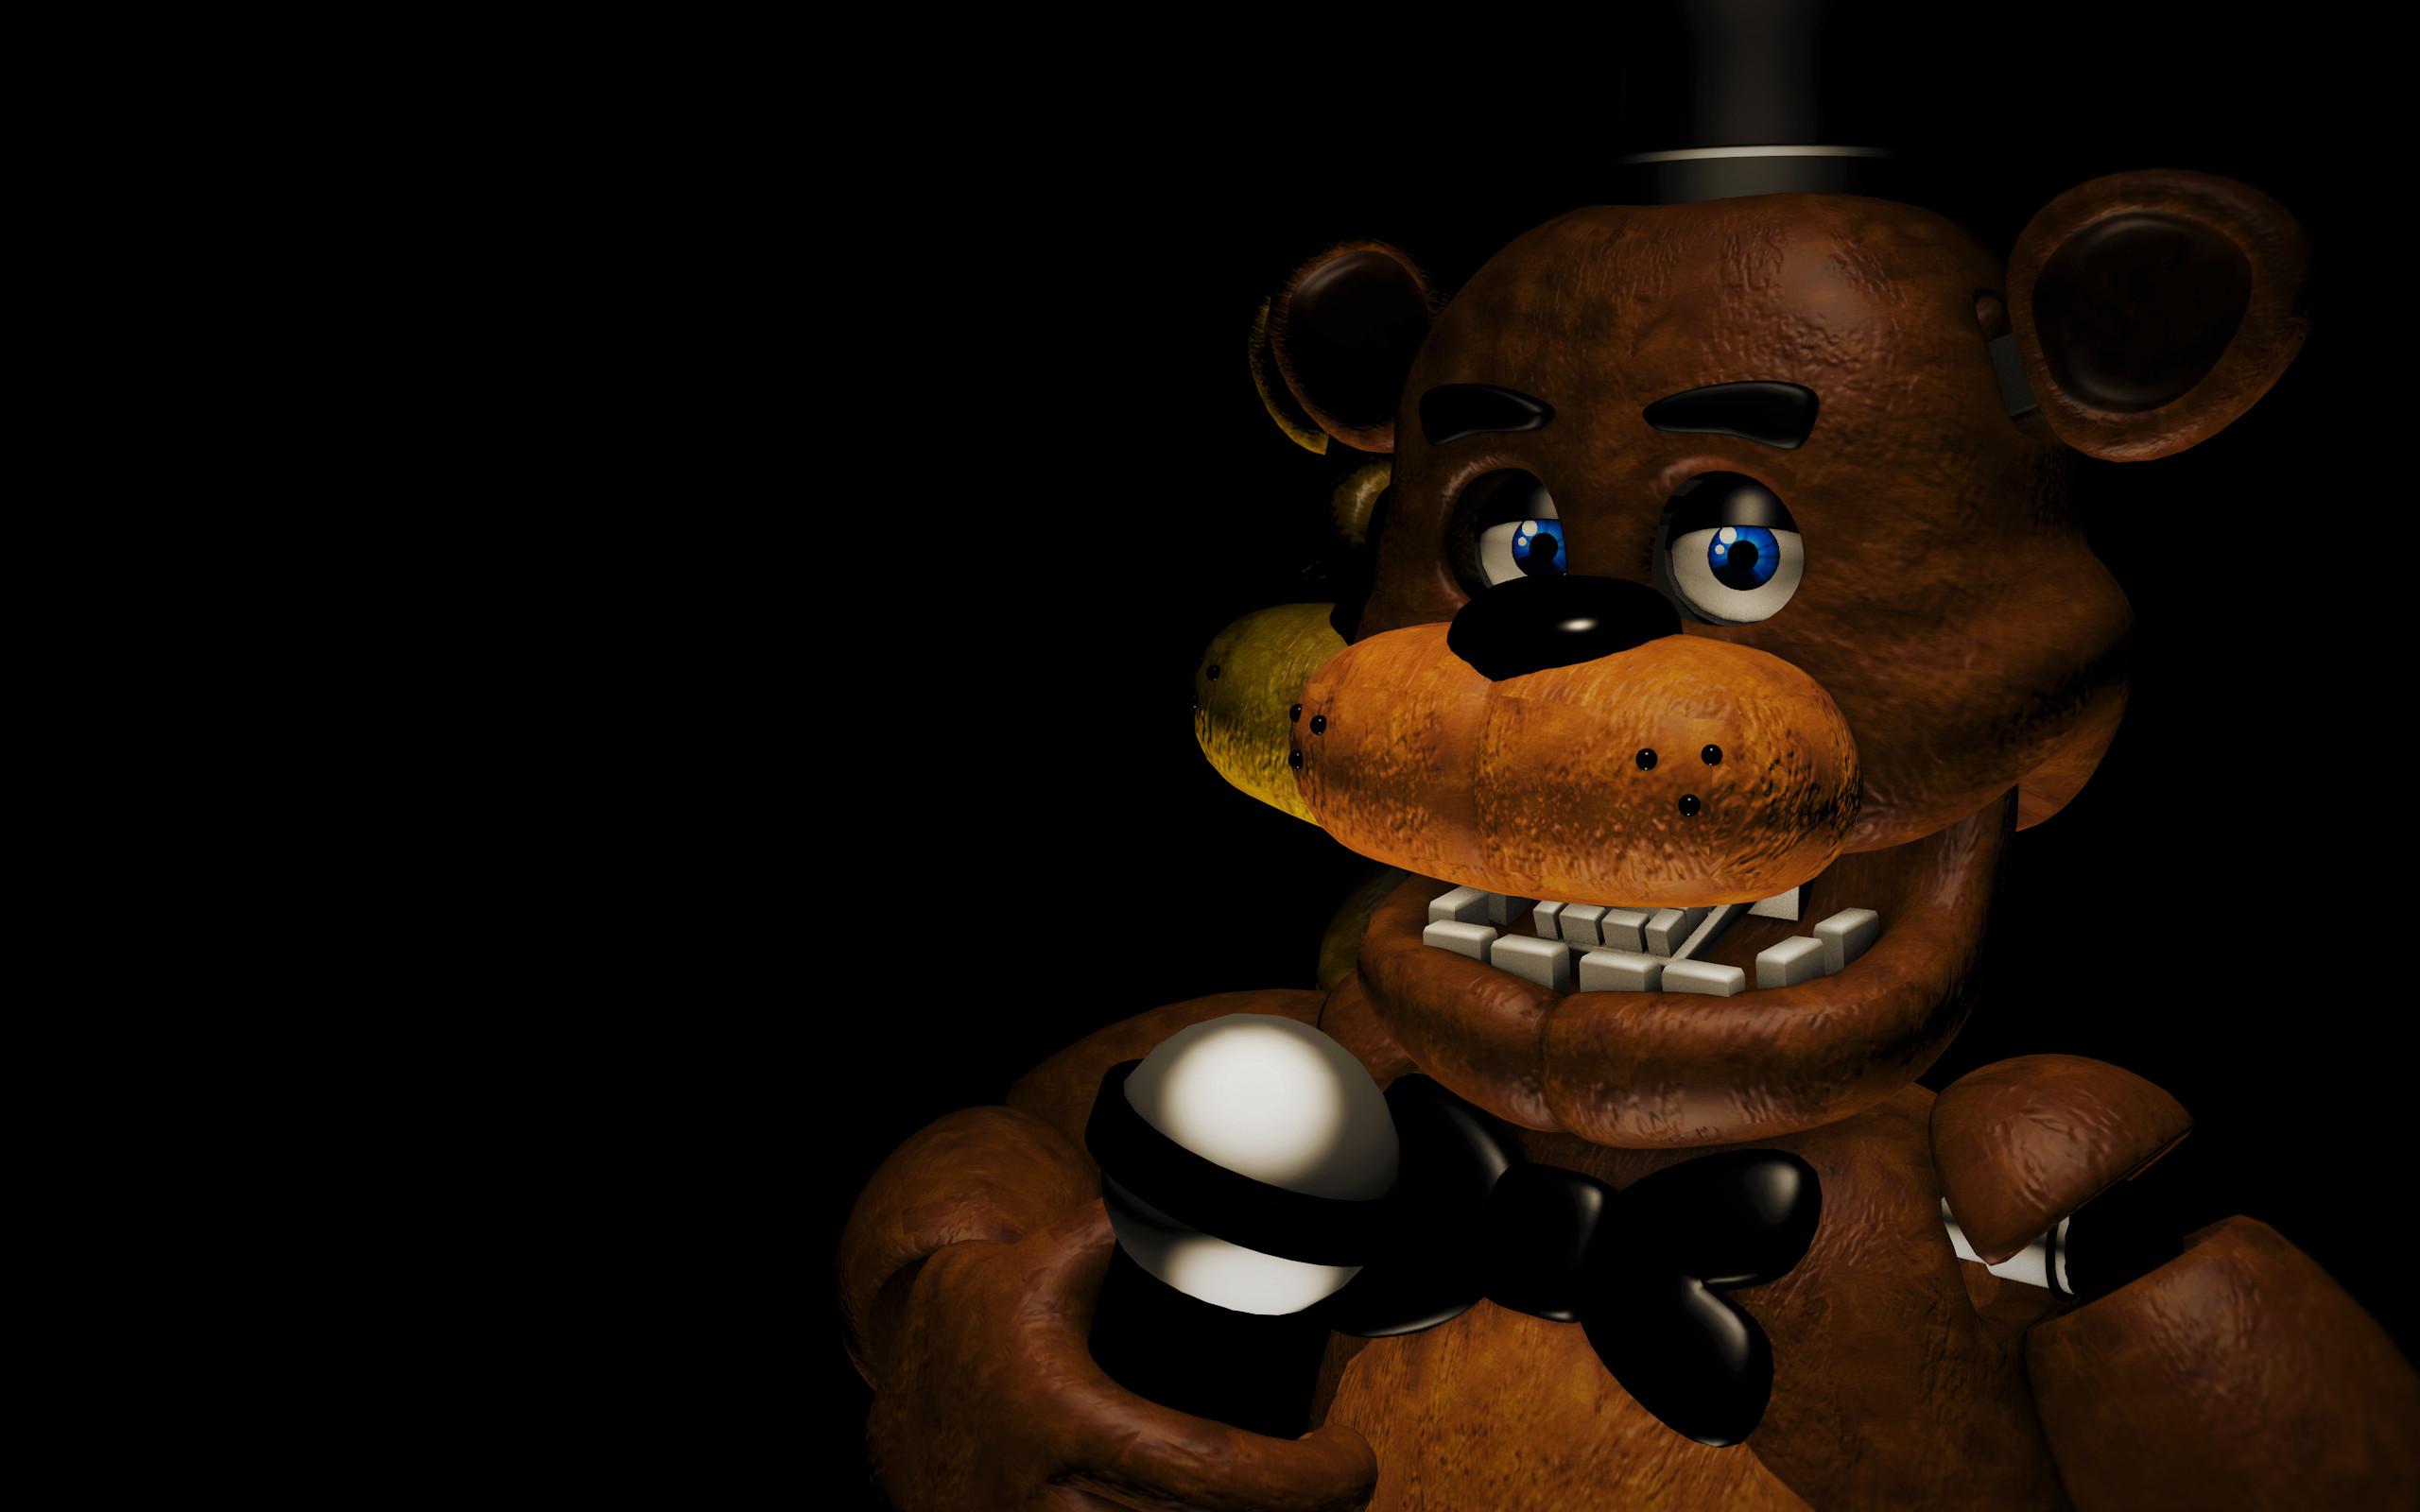 … Freddy Fazbear Wallpaper [2560 x 1600] by ToyGamer690